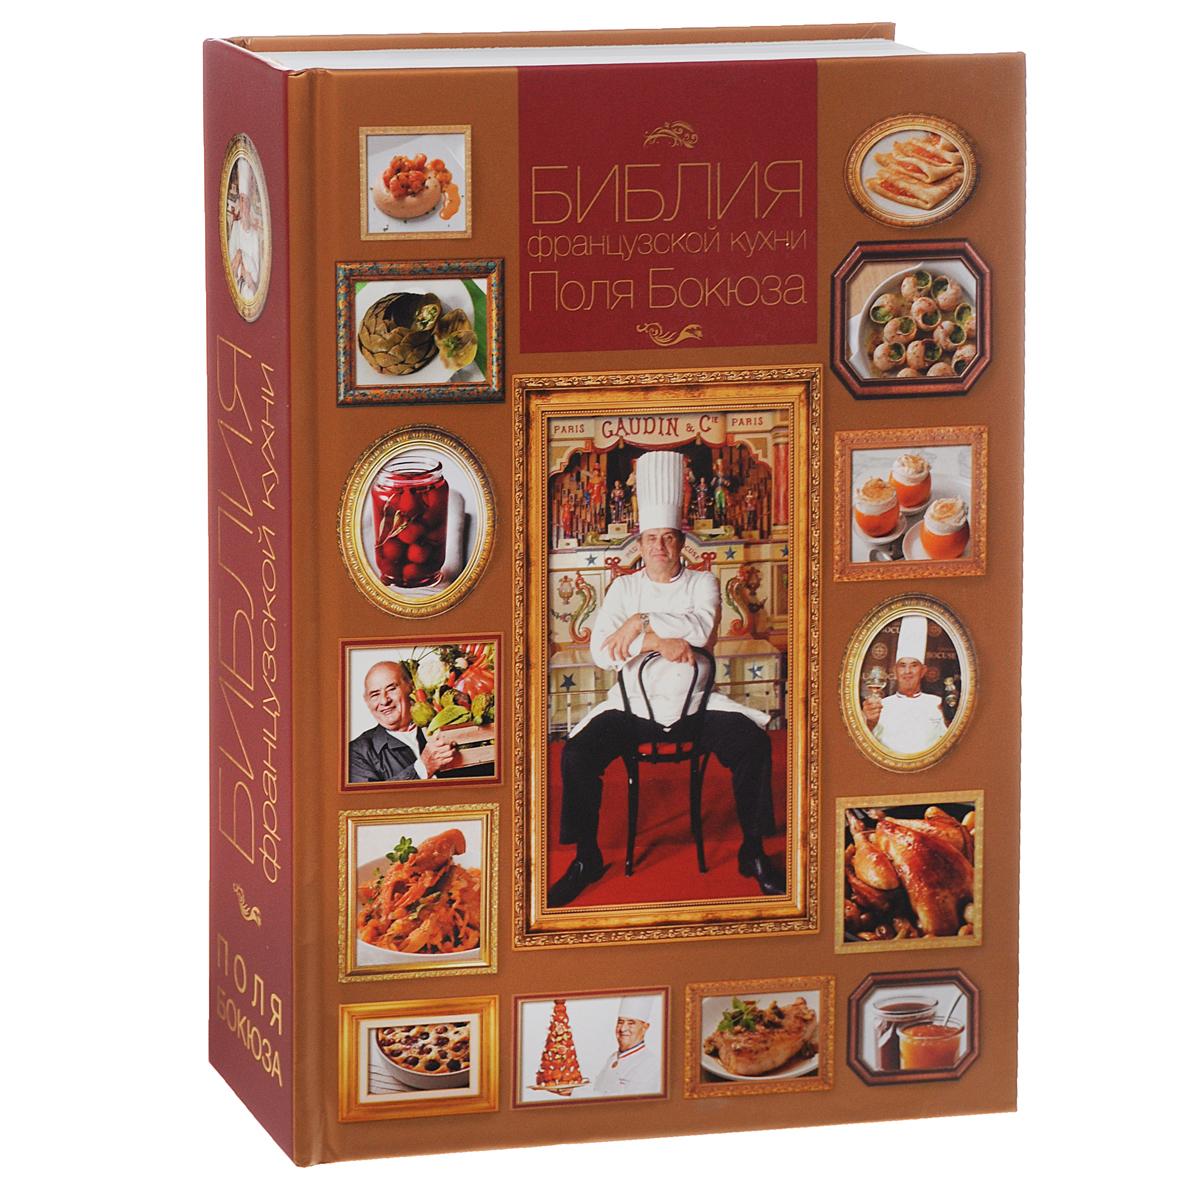 Библия французской кухни Поля Бокюза